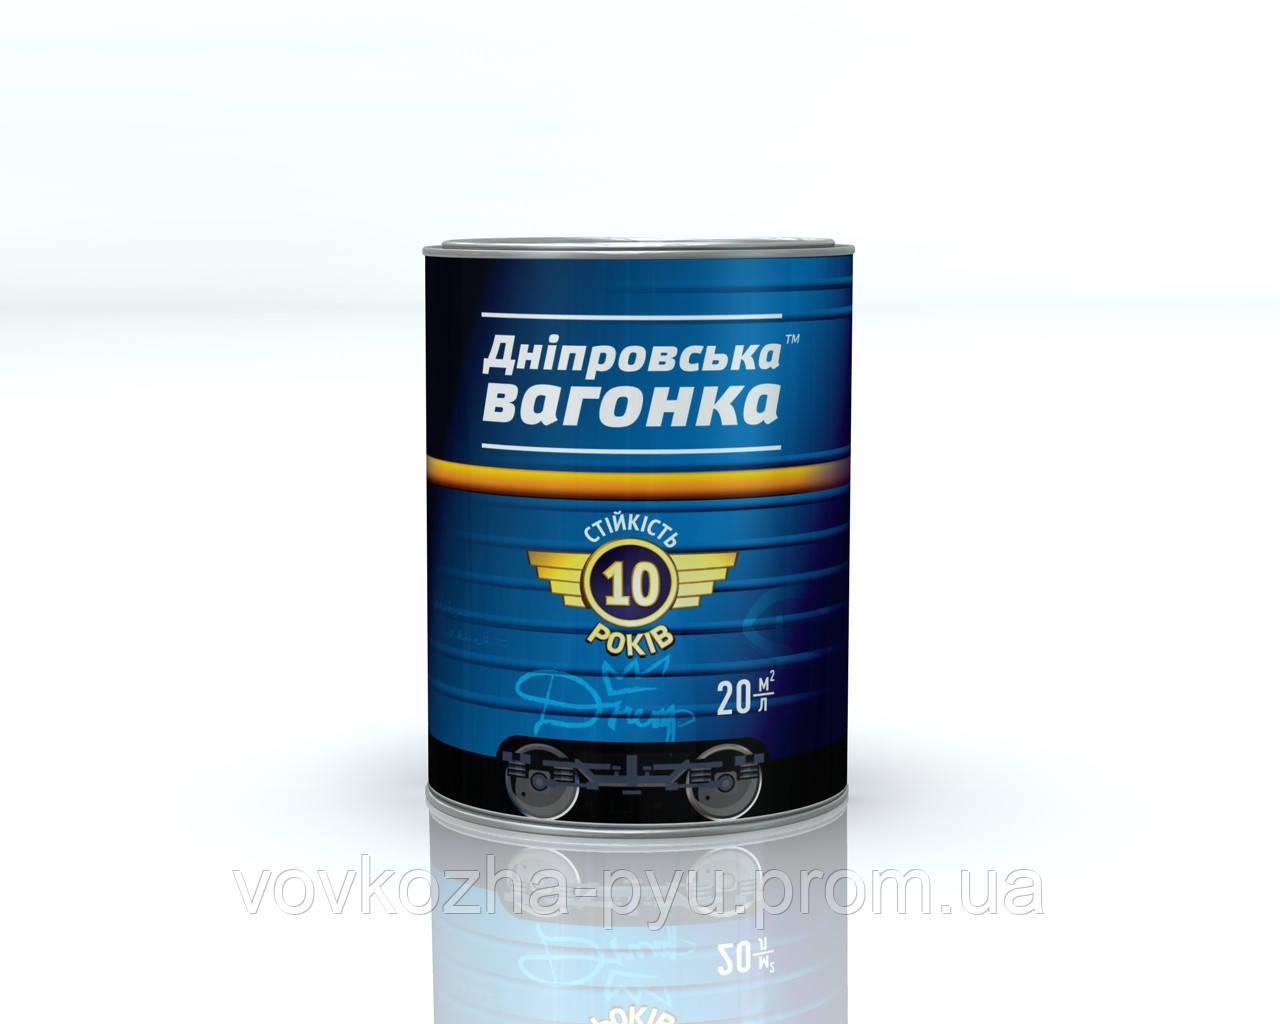 Эмаль Днепровская Вагонка ПФ-133 св.серый лак 0.85 кг